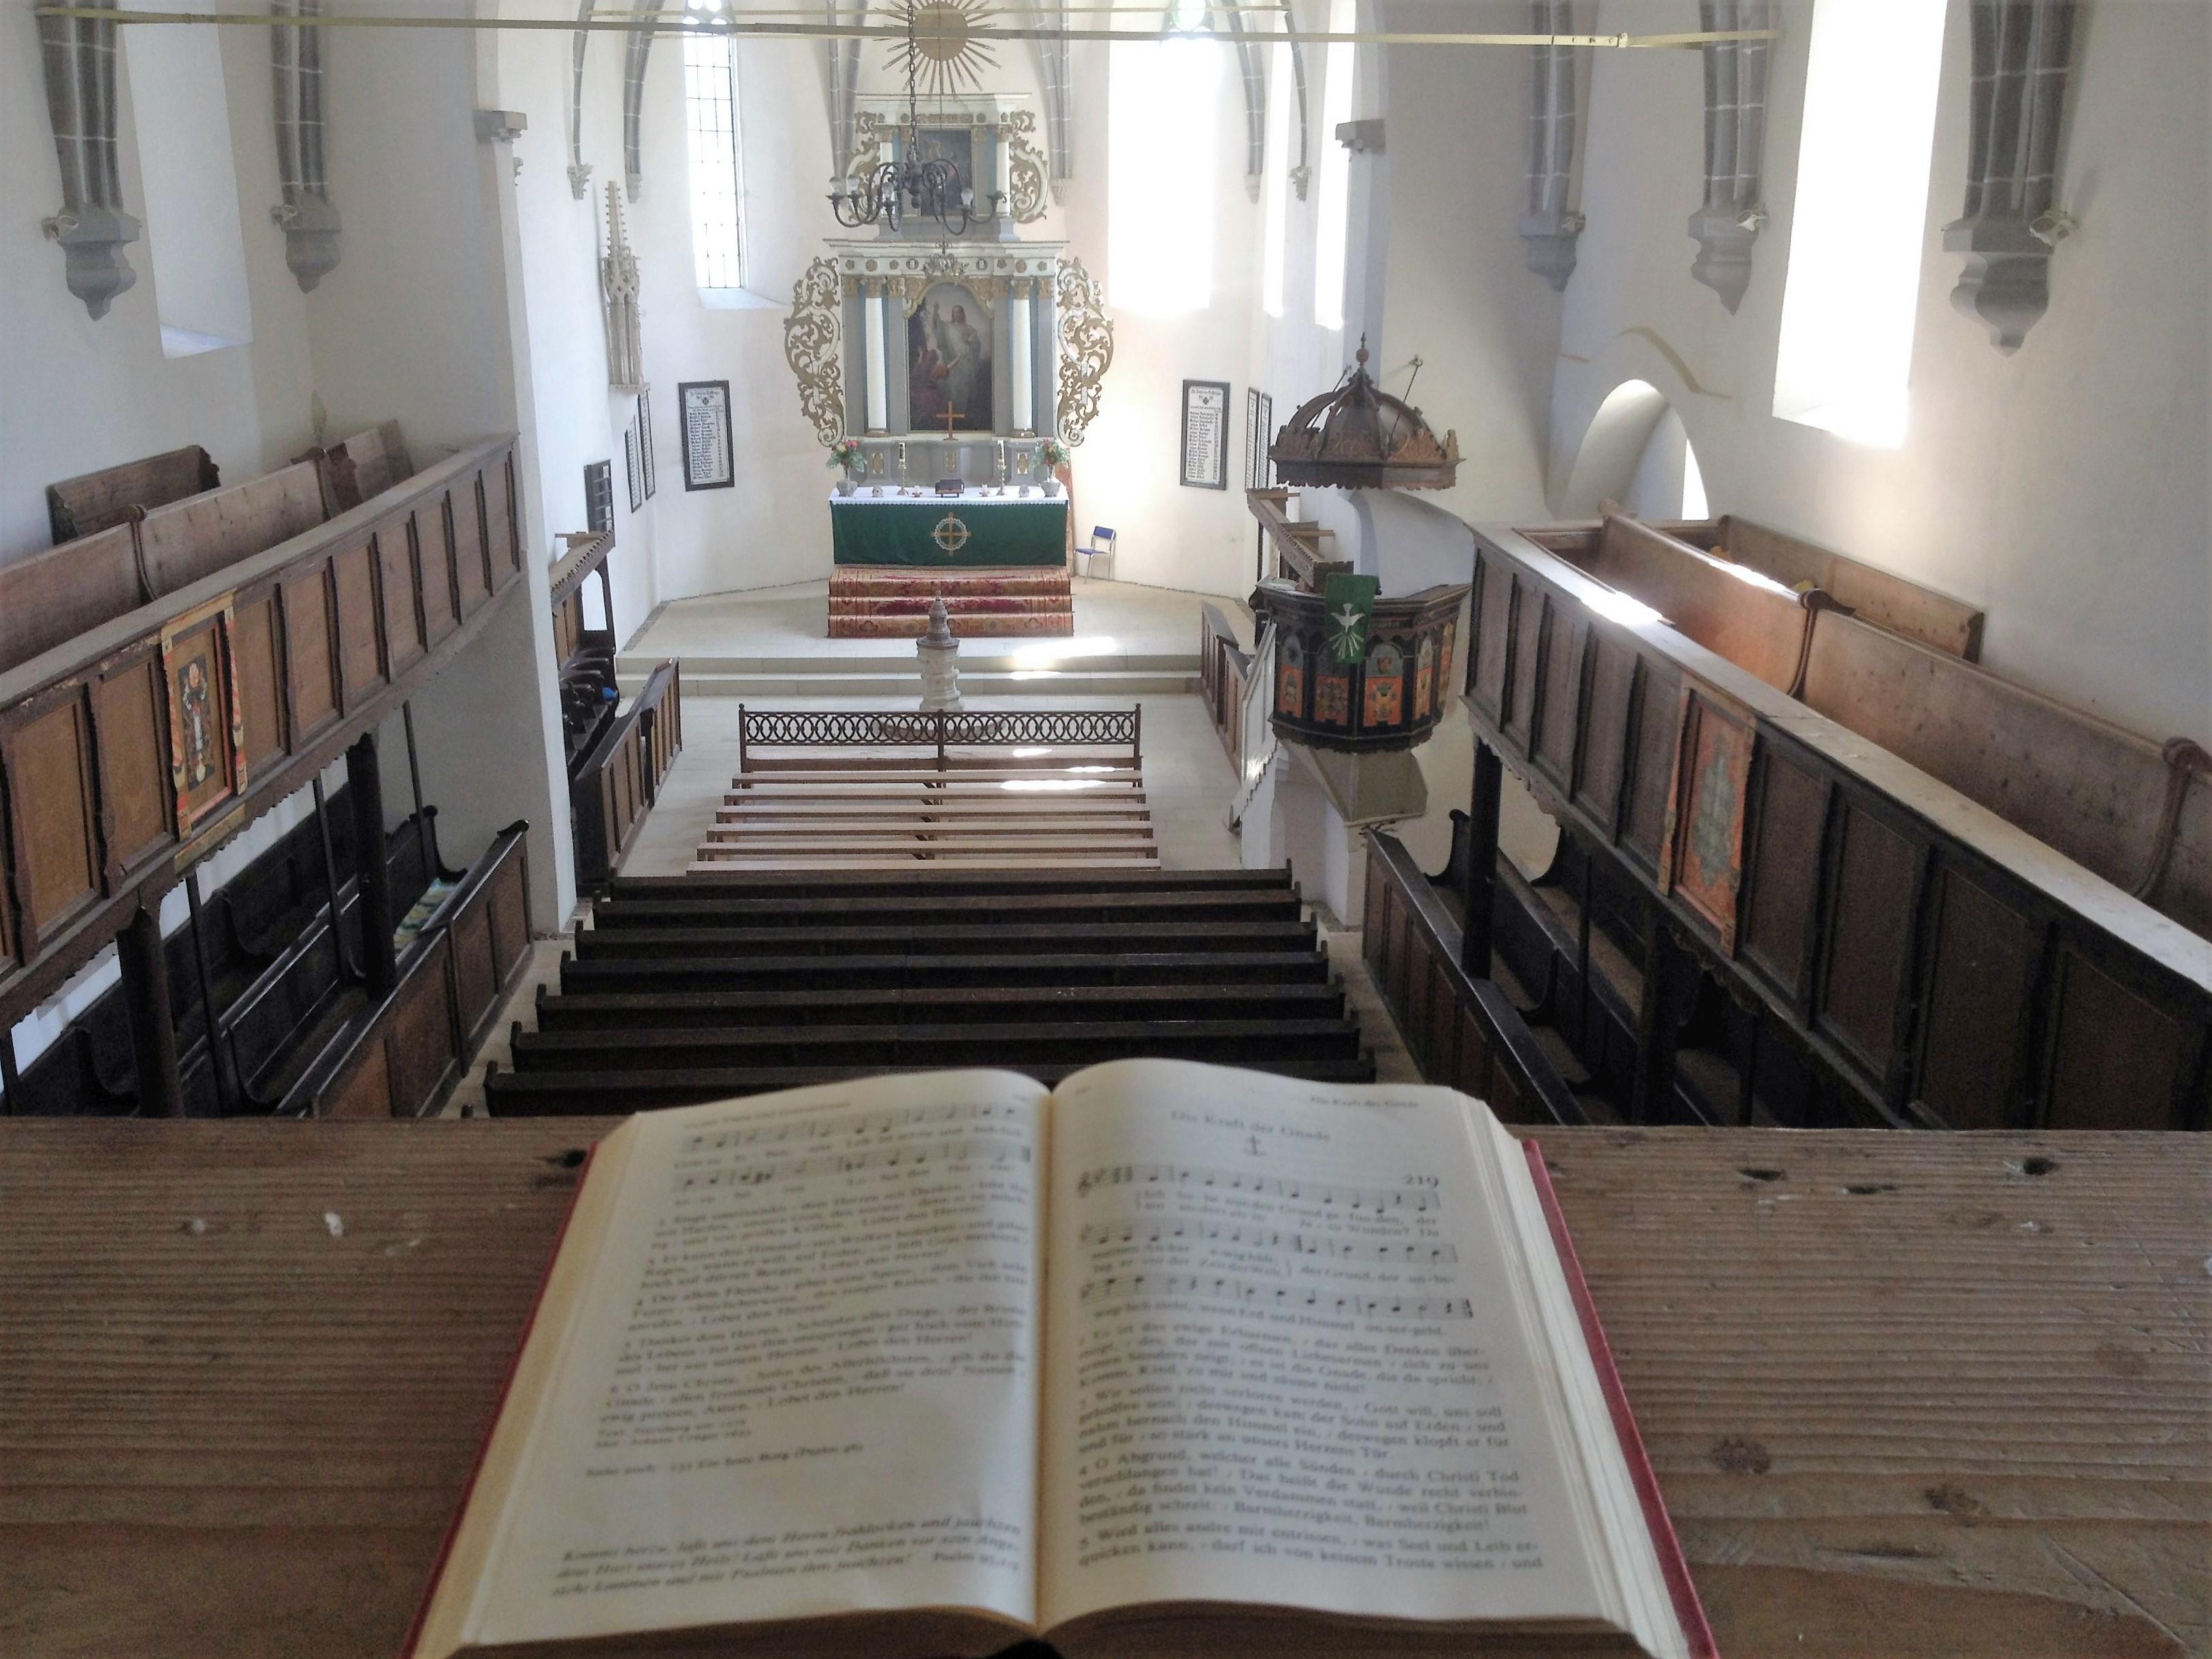 Biserica din Saschiz are o singură navă, cu dimensiunile de 41x4 metri